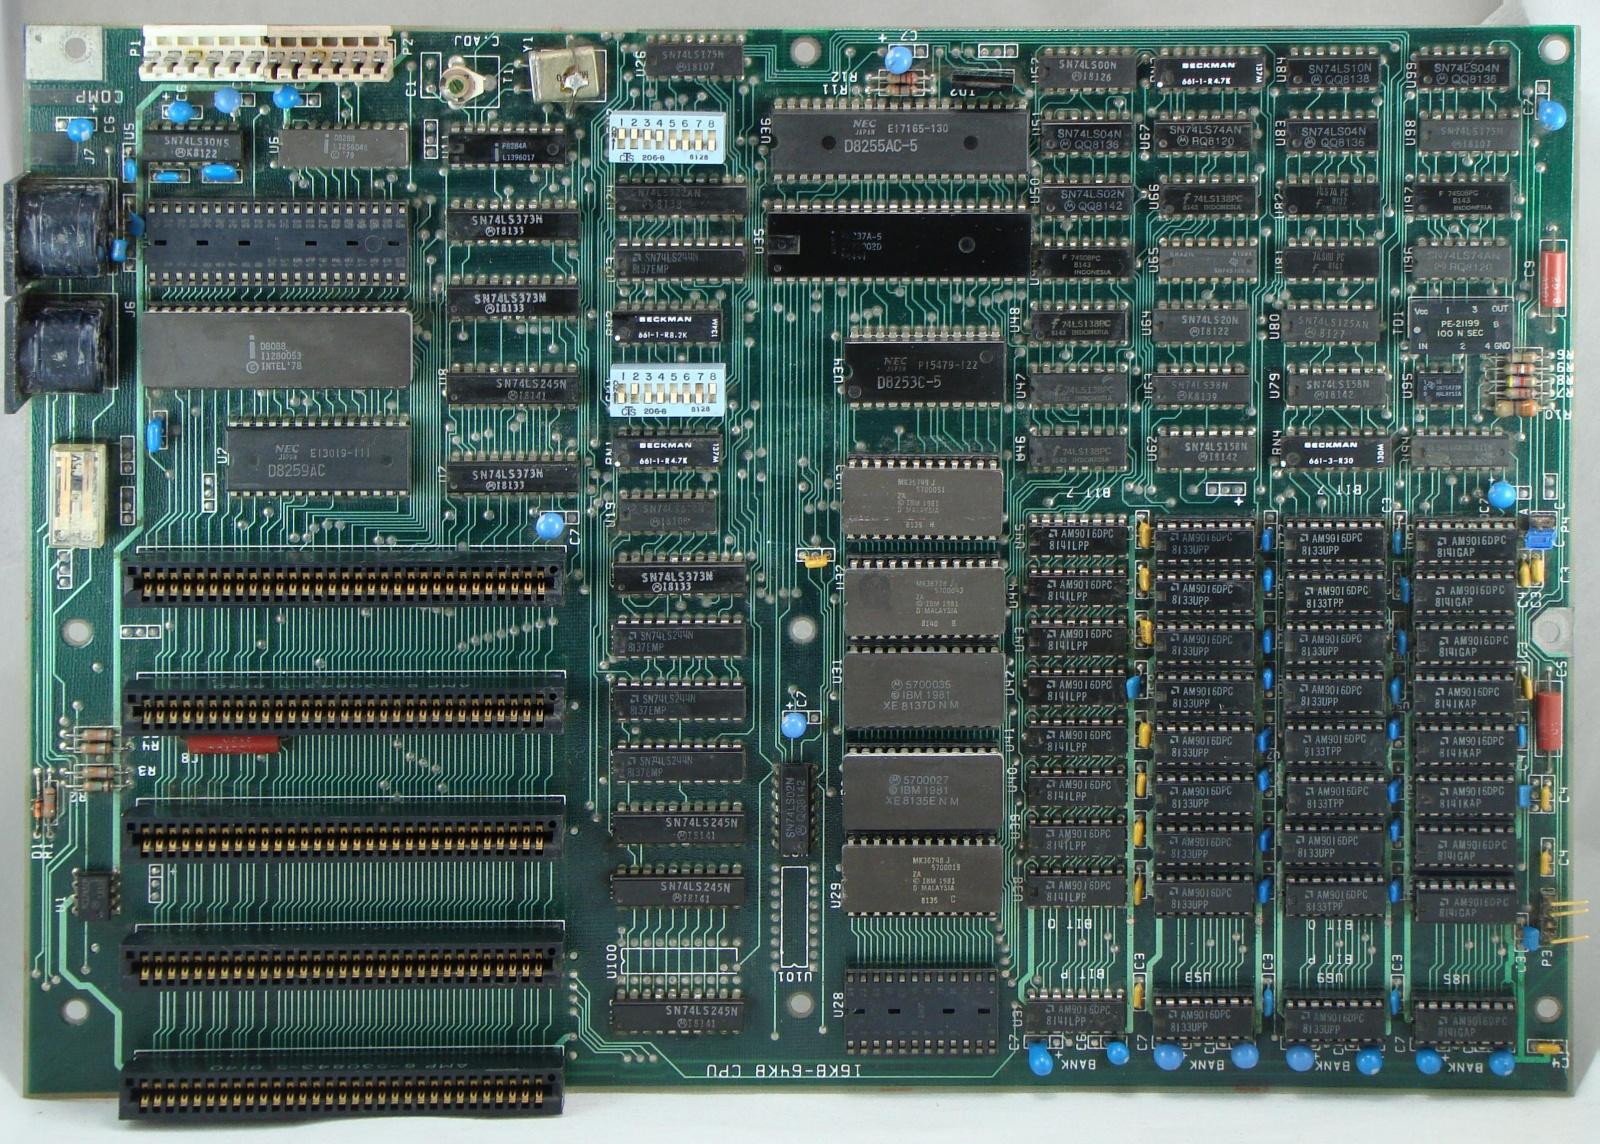 Анализ кристалла сдвигового регистра у математического сопроцессора 8087 - 1